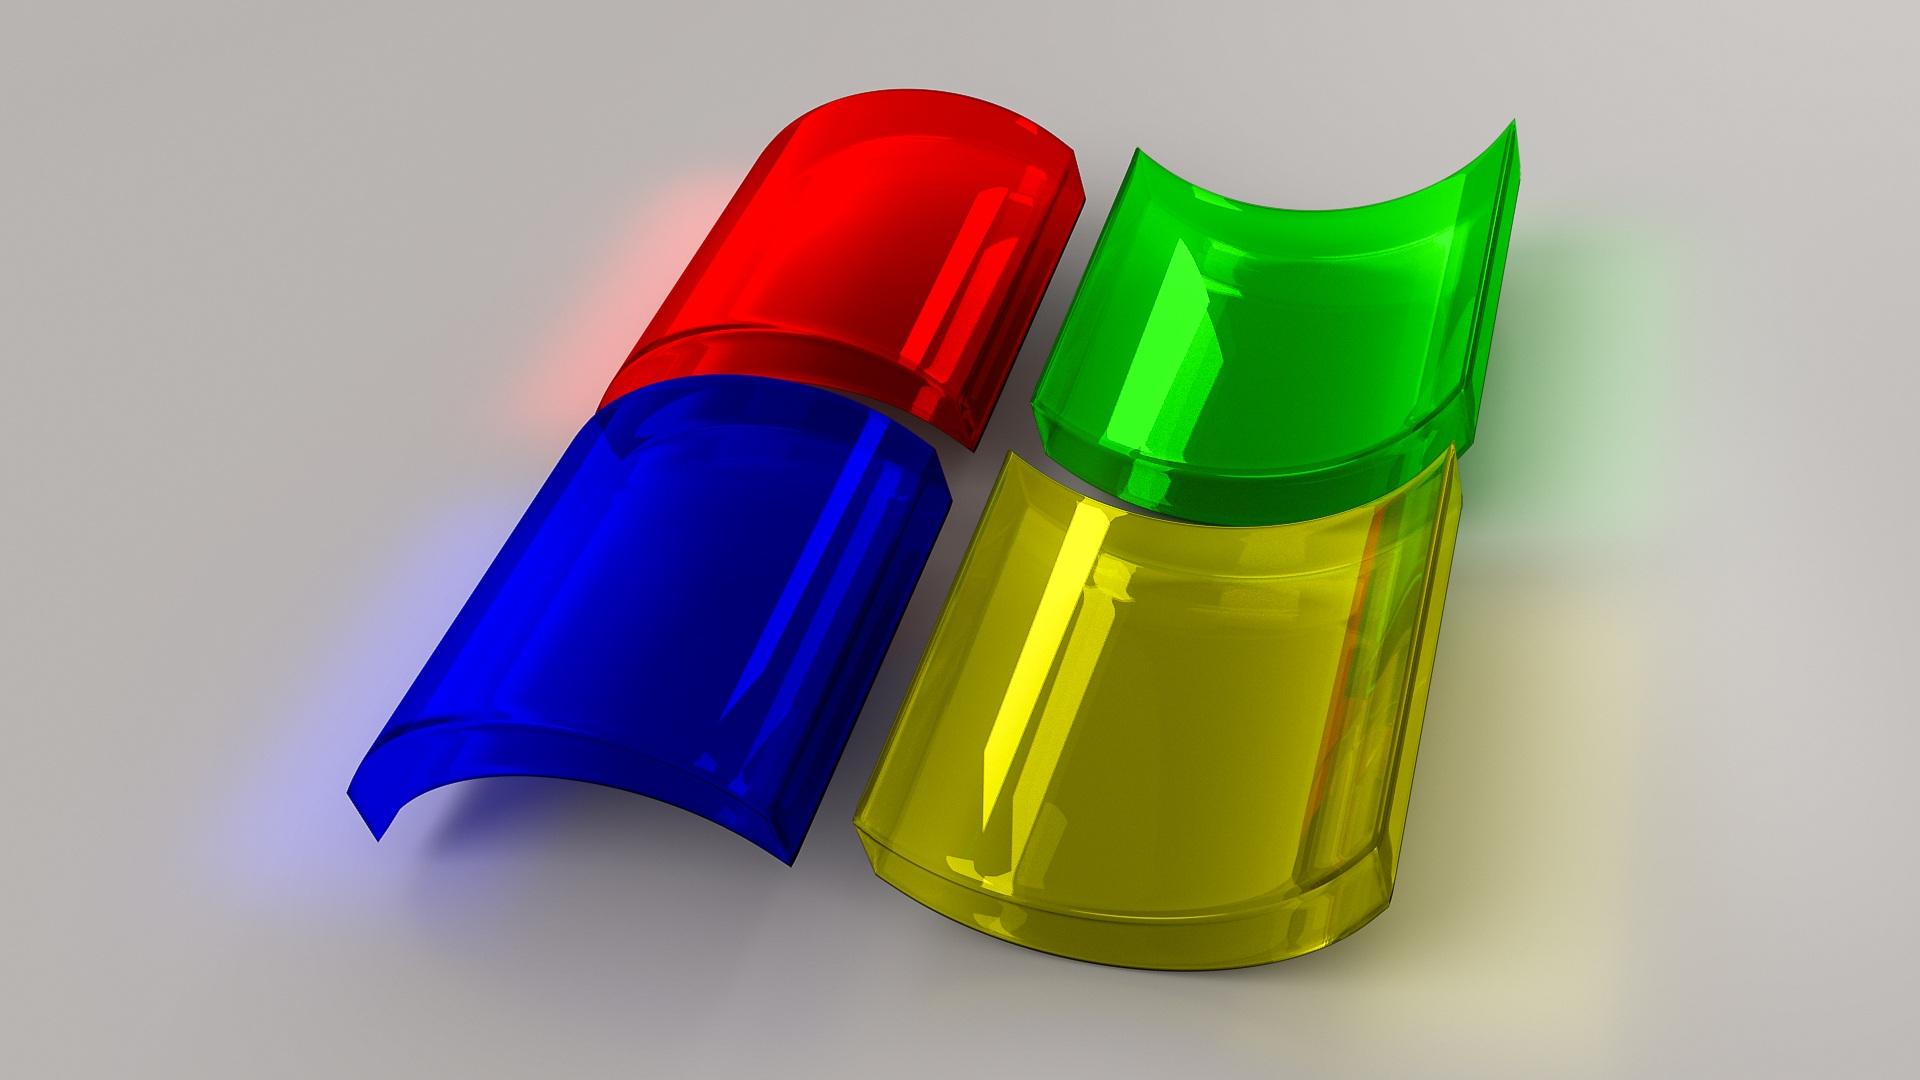 كيف امنع برنامج مكافحة الفيروسات من ارسال ملفات الى مايكروسوفت؟